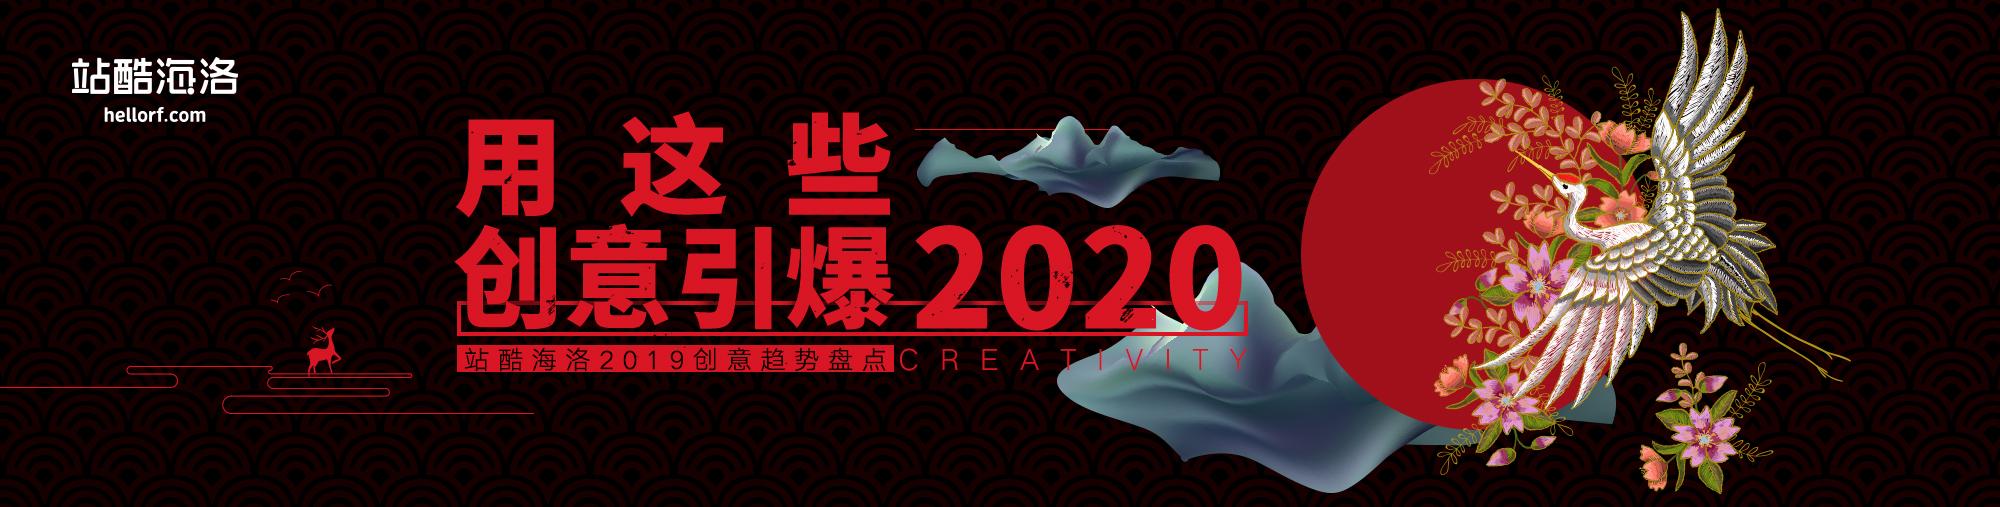 2000-507复盘.jpg